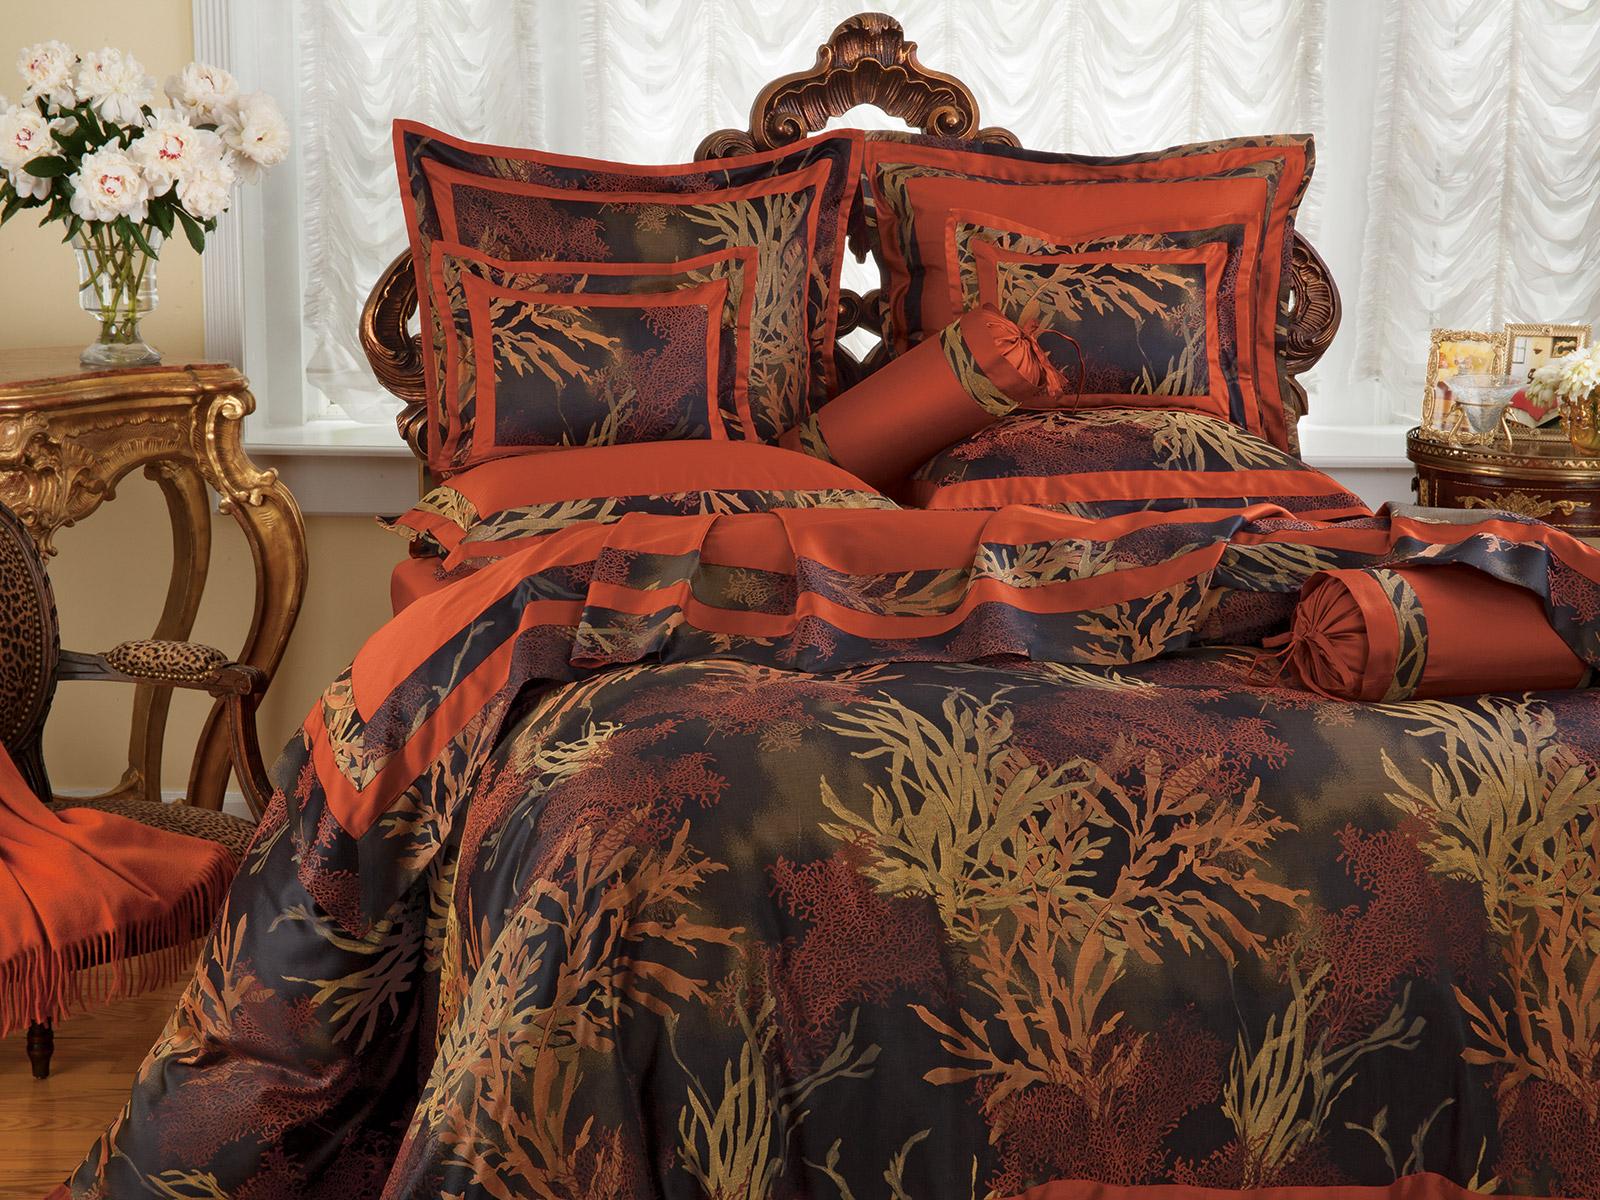 Coral Reef Luxury Bedding Italian Bed Linens Schweitzer Linen